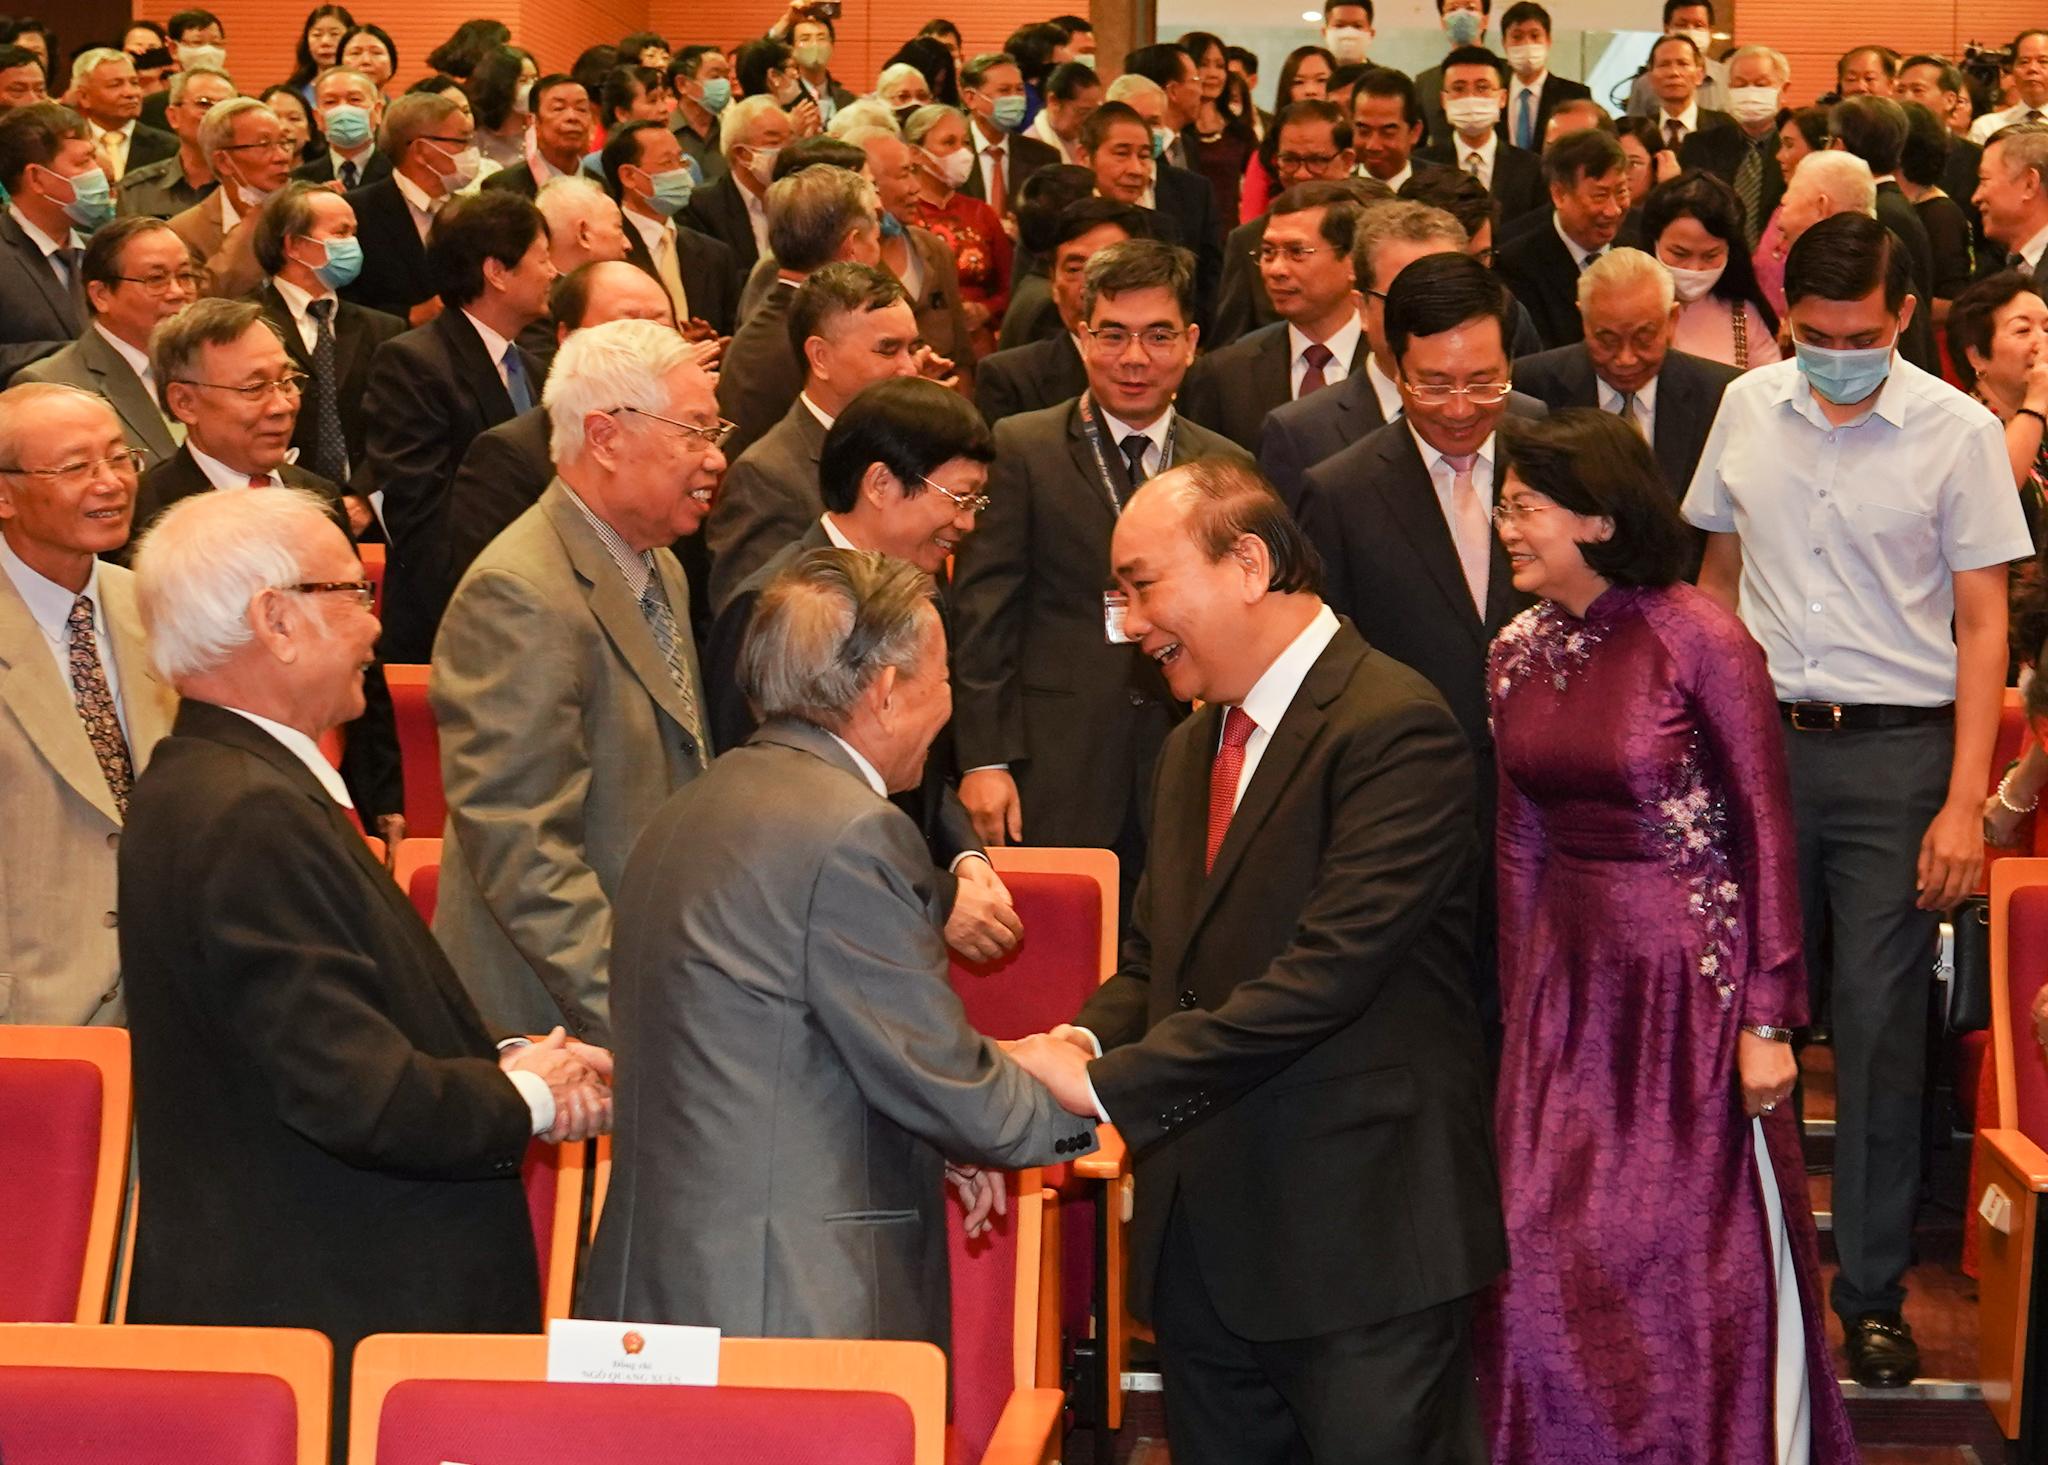 Thủ tướng dự kỷ niệm 75 năm thành lập ngành ngoại giao Việt Nam 2